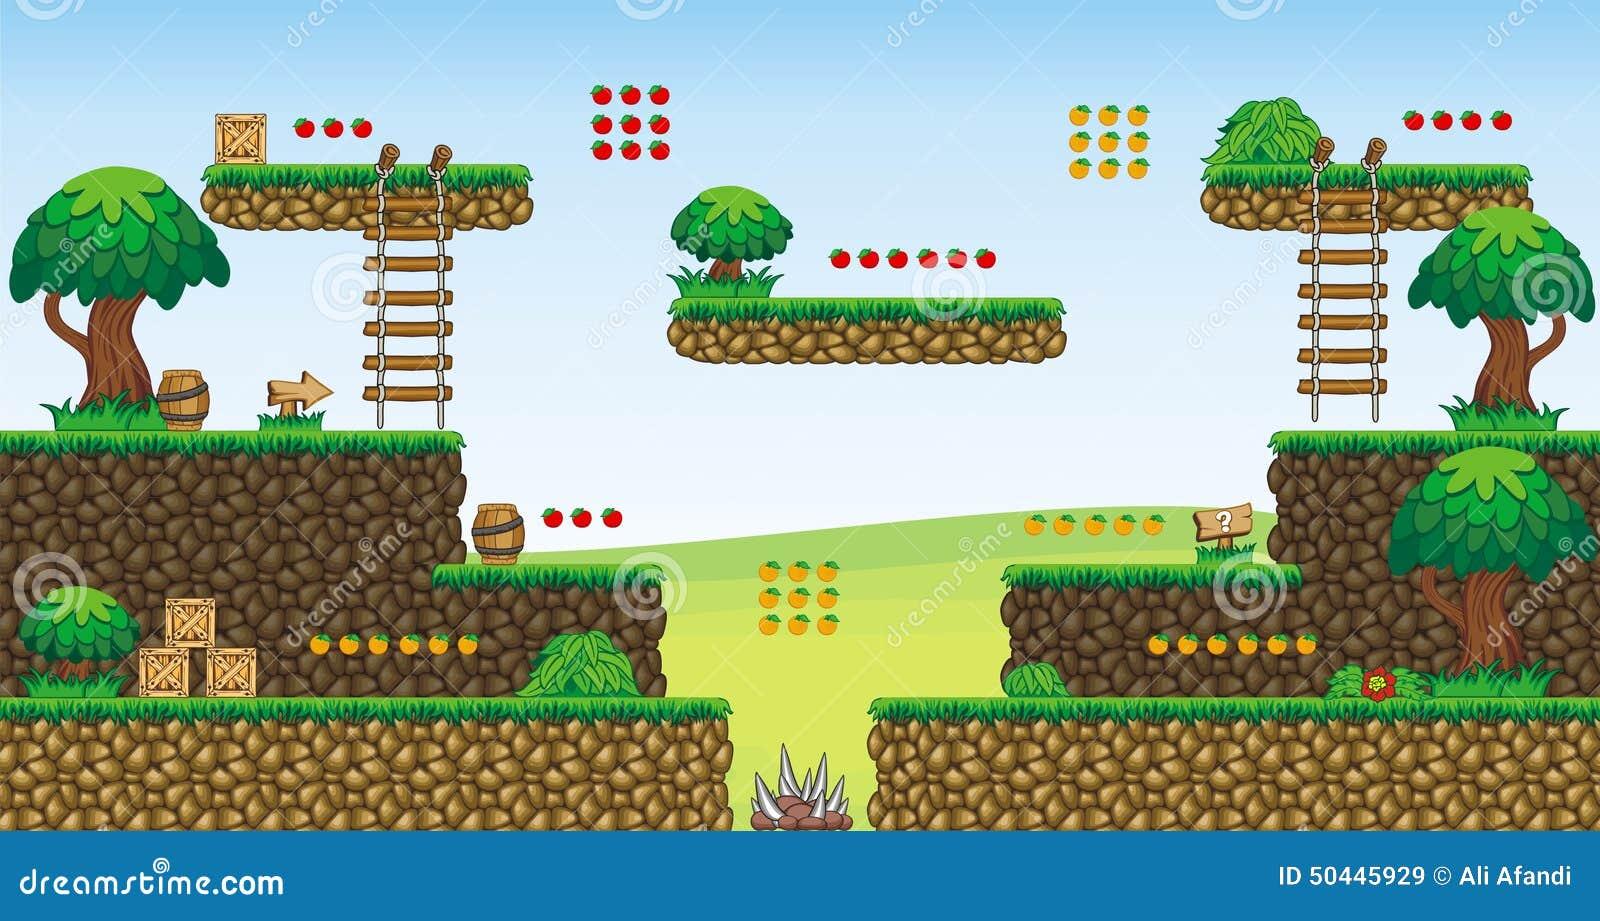 Platformer Game Tile Set 12 2D Game Assets Games Vector